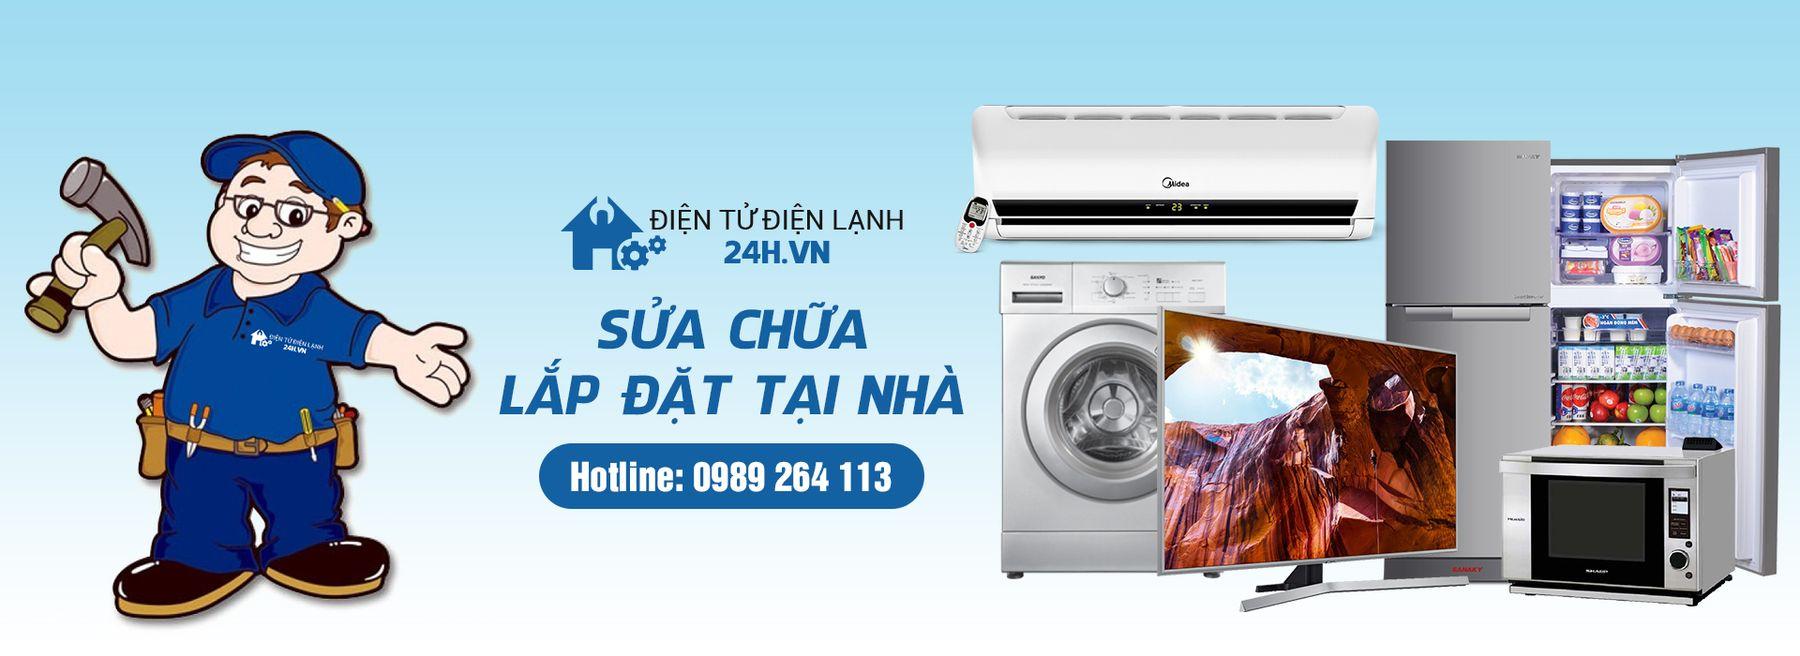 Dịch vụ bảo trì máy lạnh Trung tâm bảo hành điện lạnh 24H